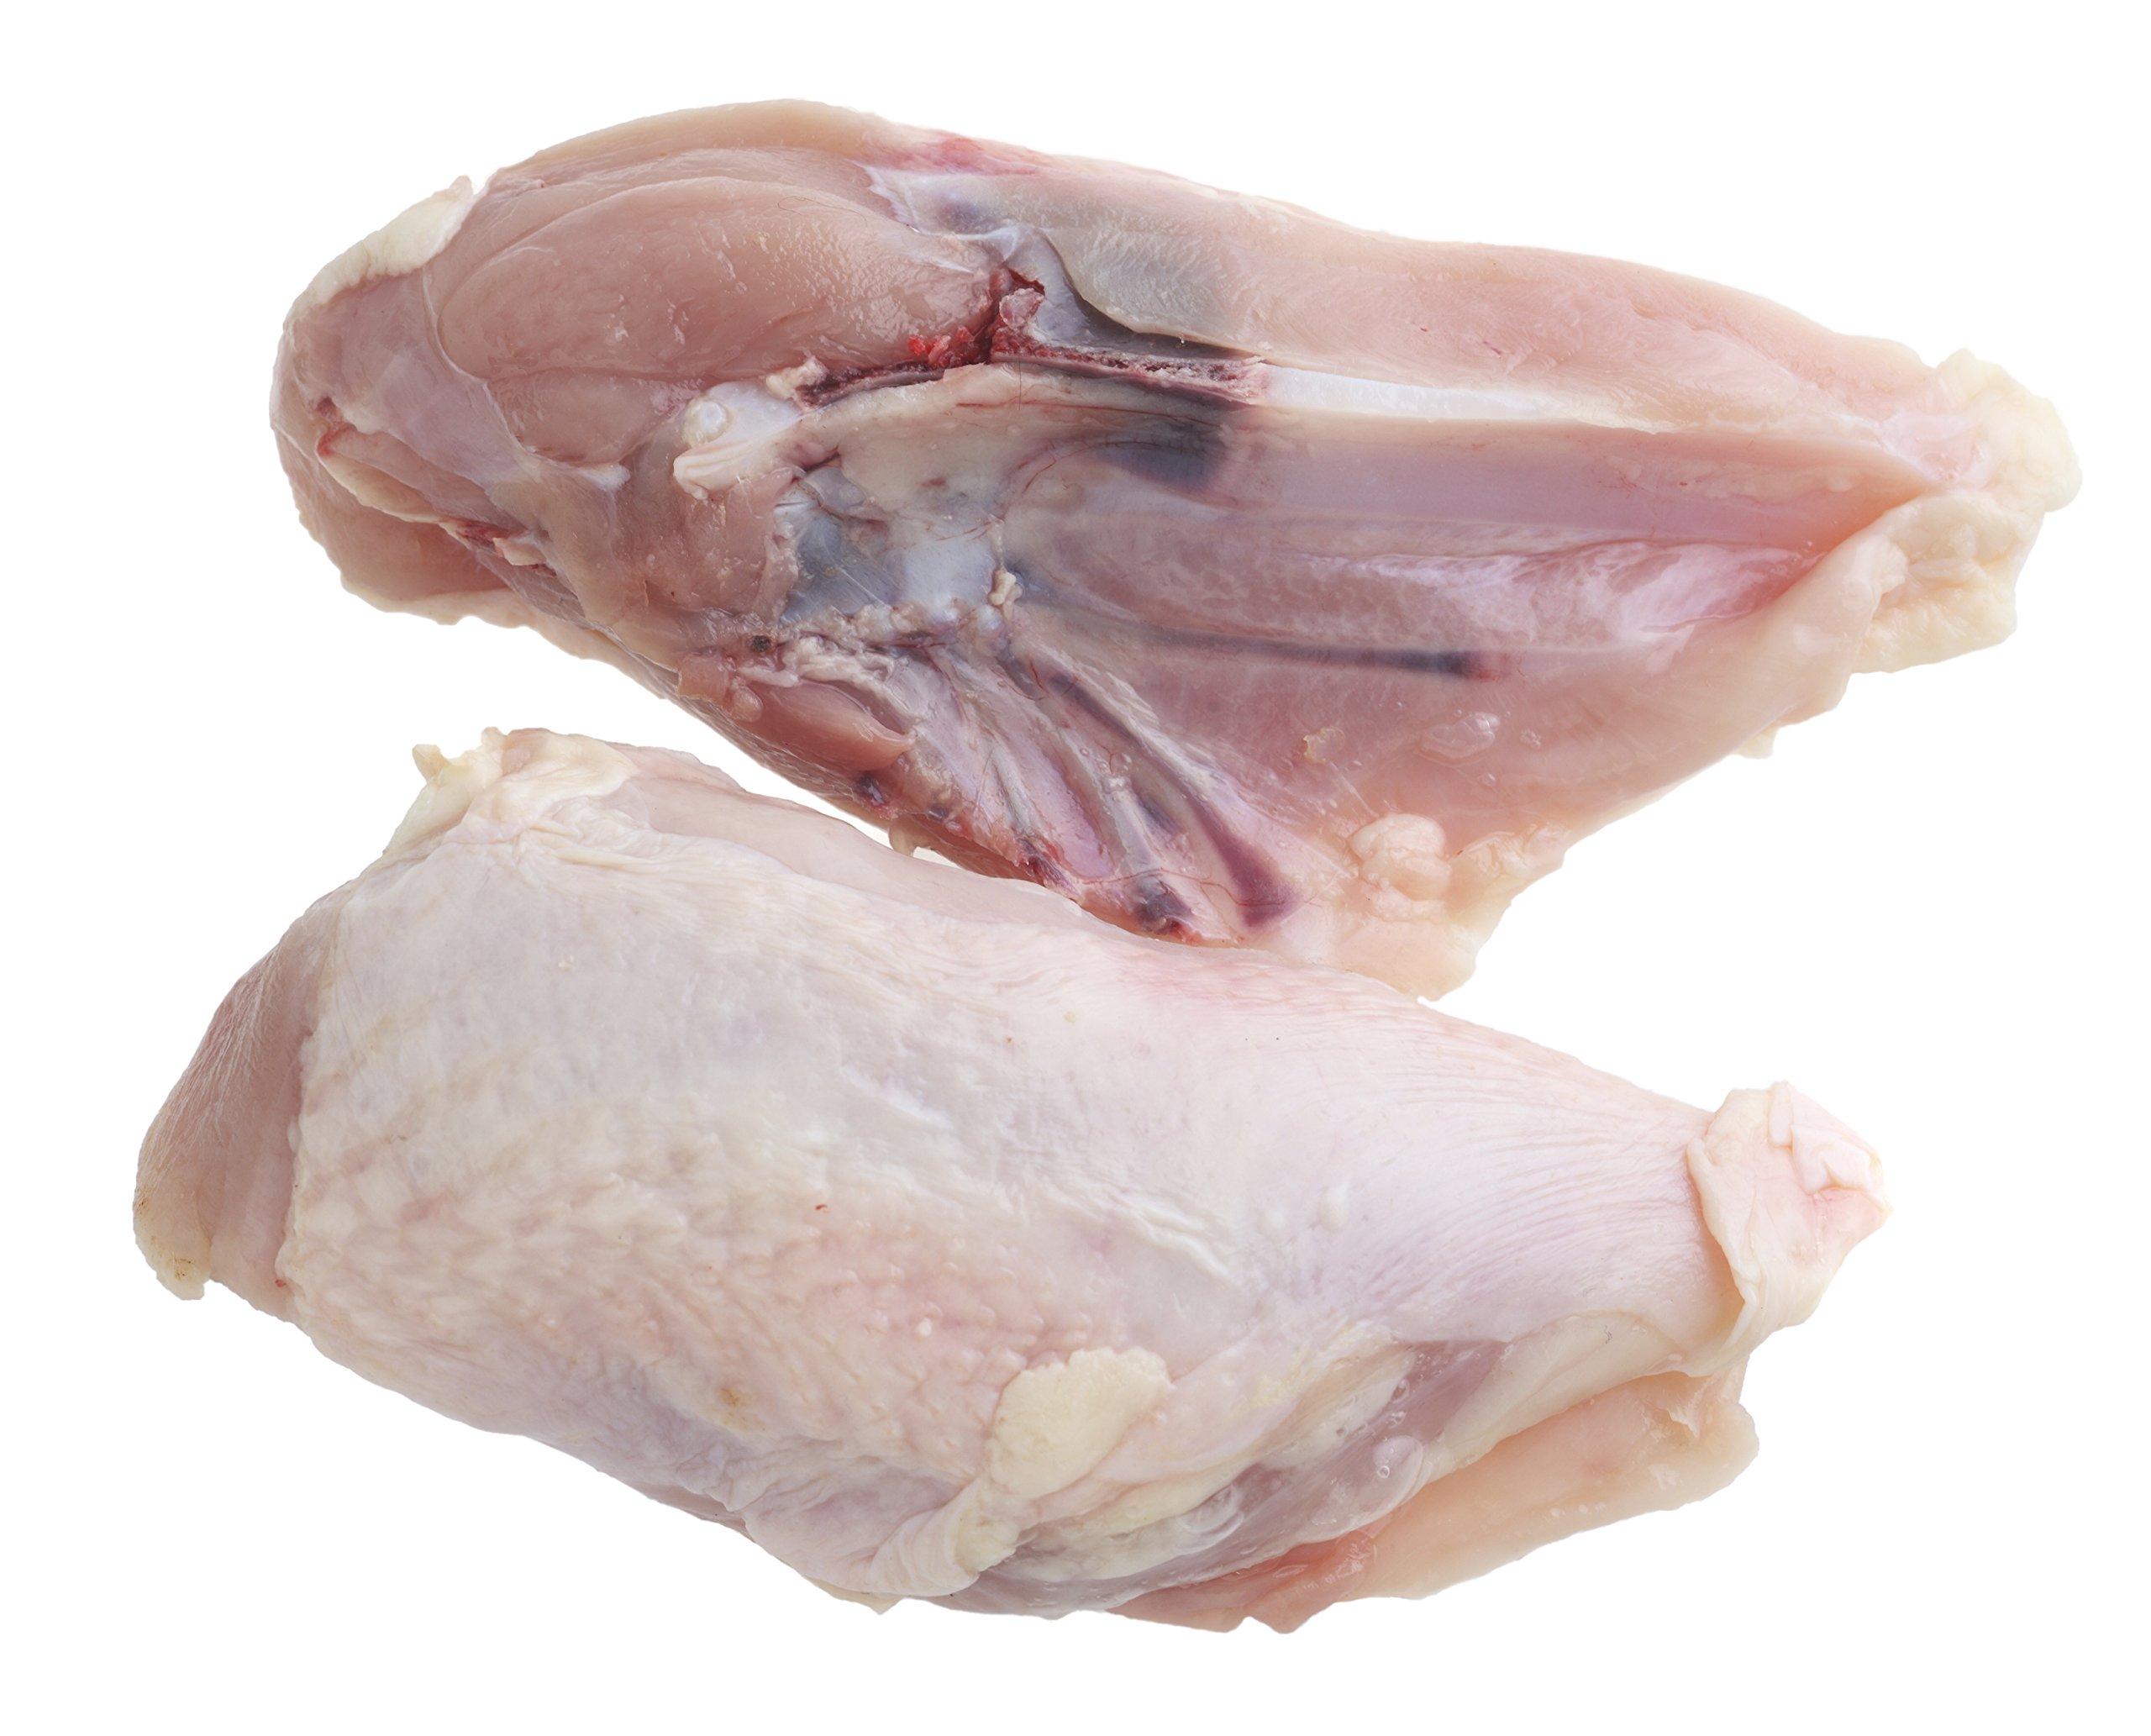 Double Certified Organic Chicken Breast on Bone Without Wings (6.25-6.75 Lbs) - Glatt Kosher